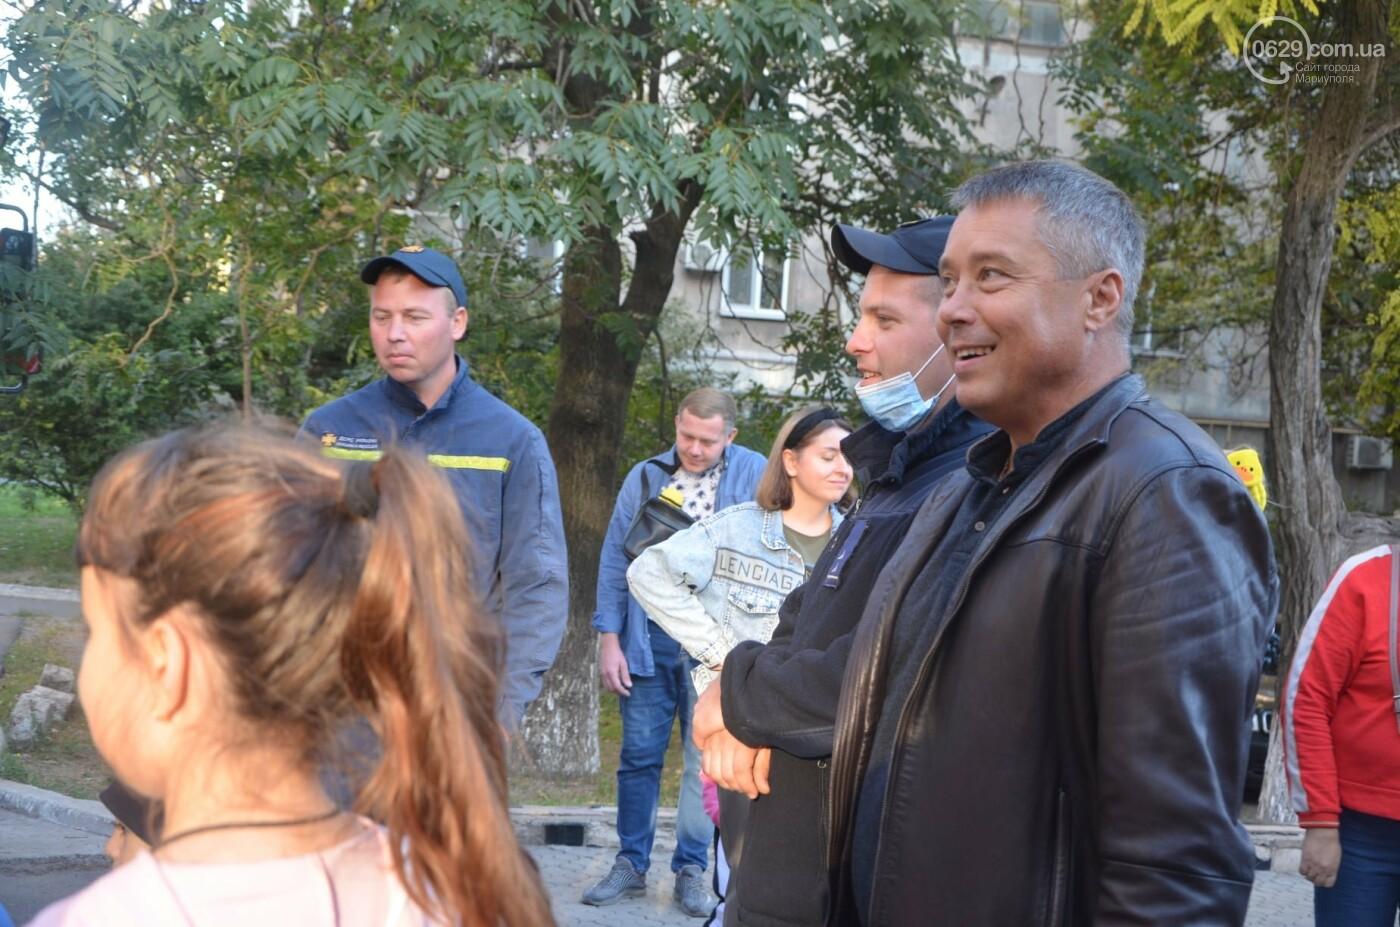 В Мариуполе отпраздновали День двора на пожарной машине, - ФОТО, фото-4